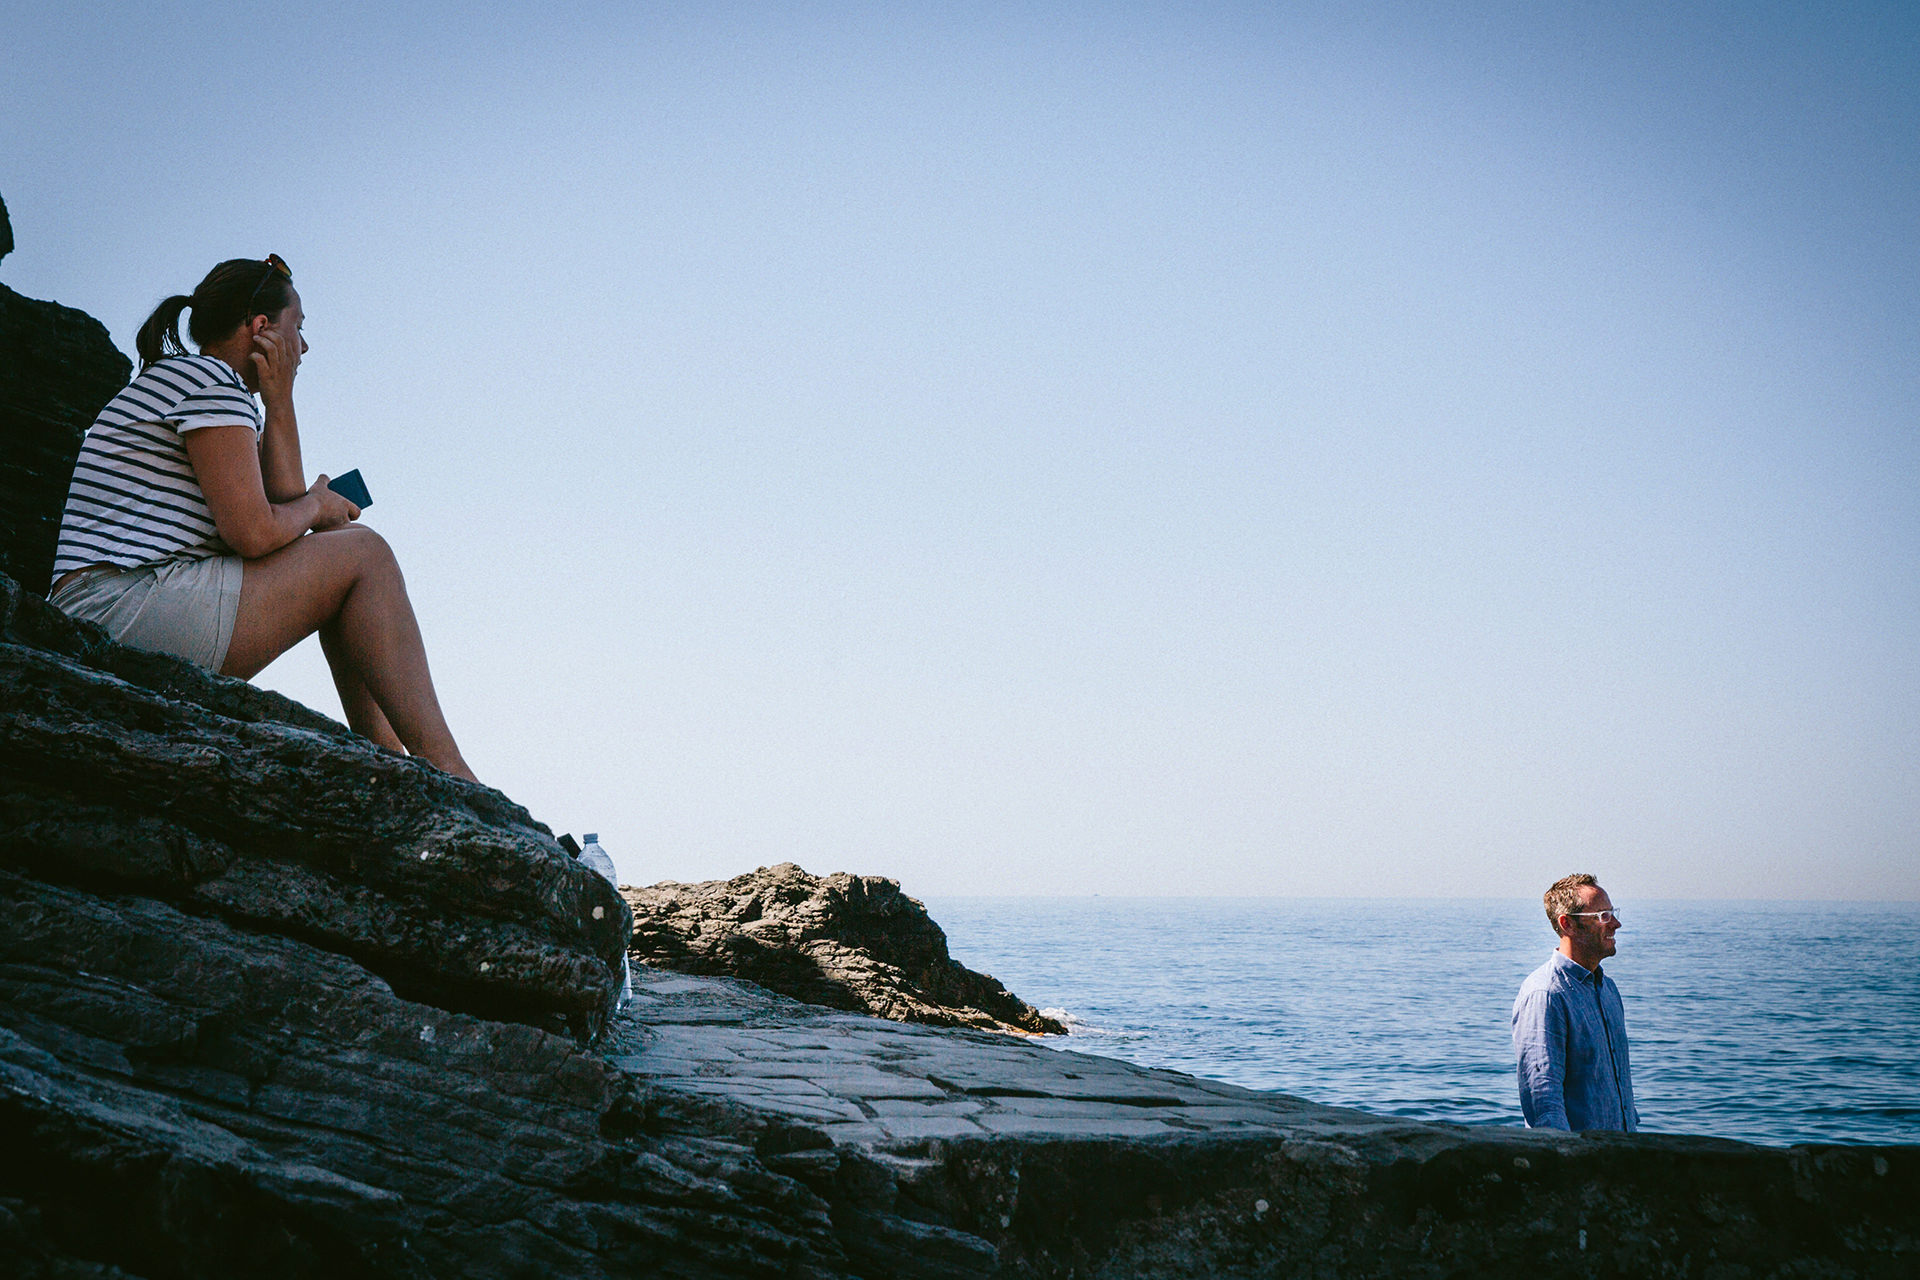 Jetée des Cinque Terre à la plage - Italie Elopement Photo | Le marié attend sa mariée sur la jetée